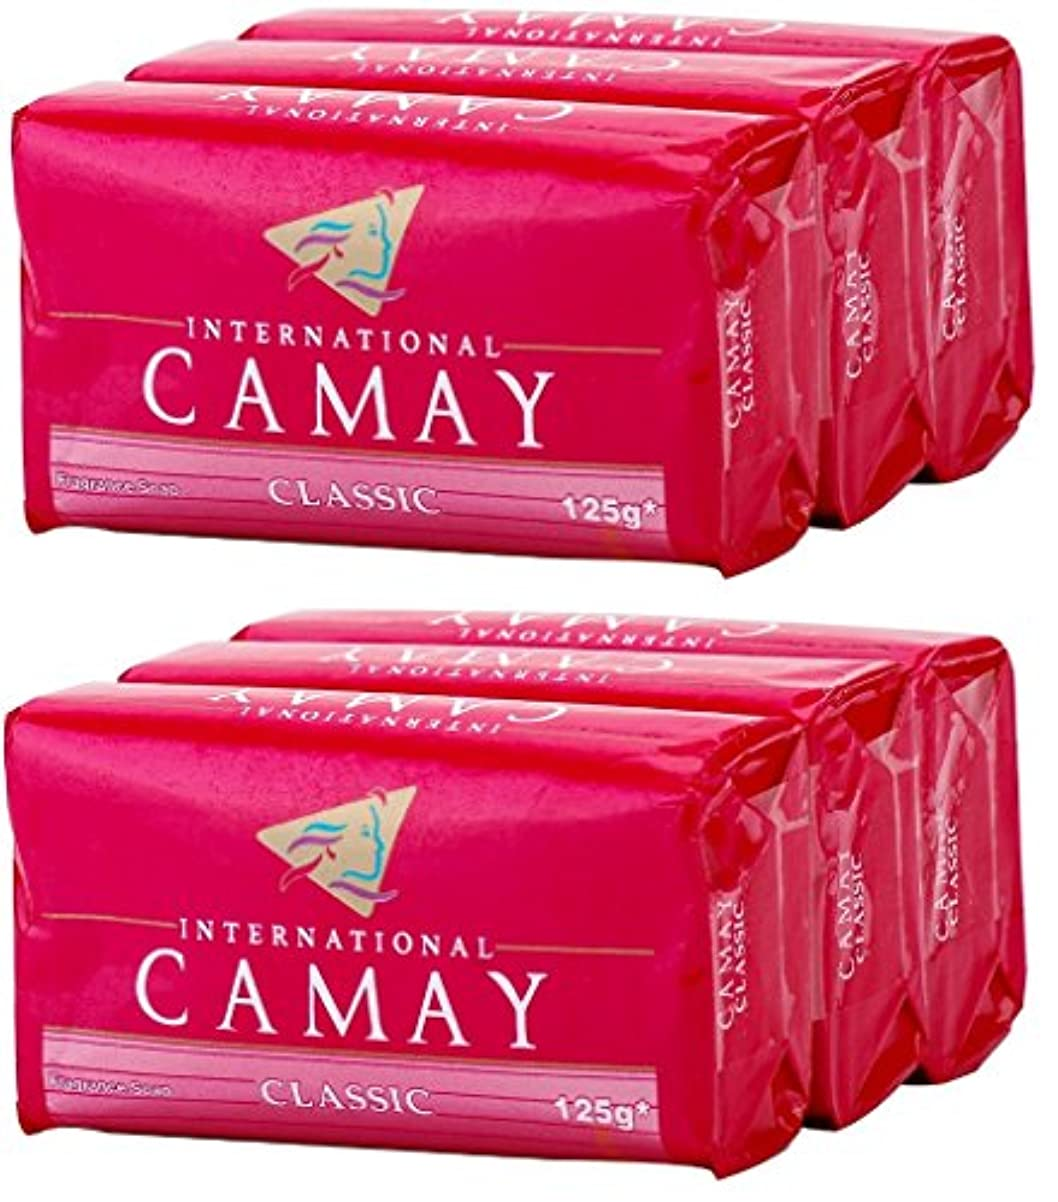 ニッケルメアリアンジョーンズイーウェルCamay Softly Scented Bath Bar Soap, Classic, 4.0 oz bars, 3 each, by Camay